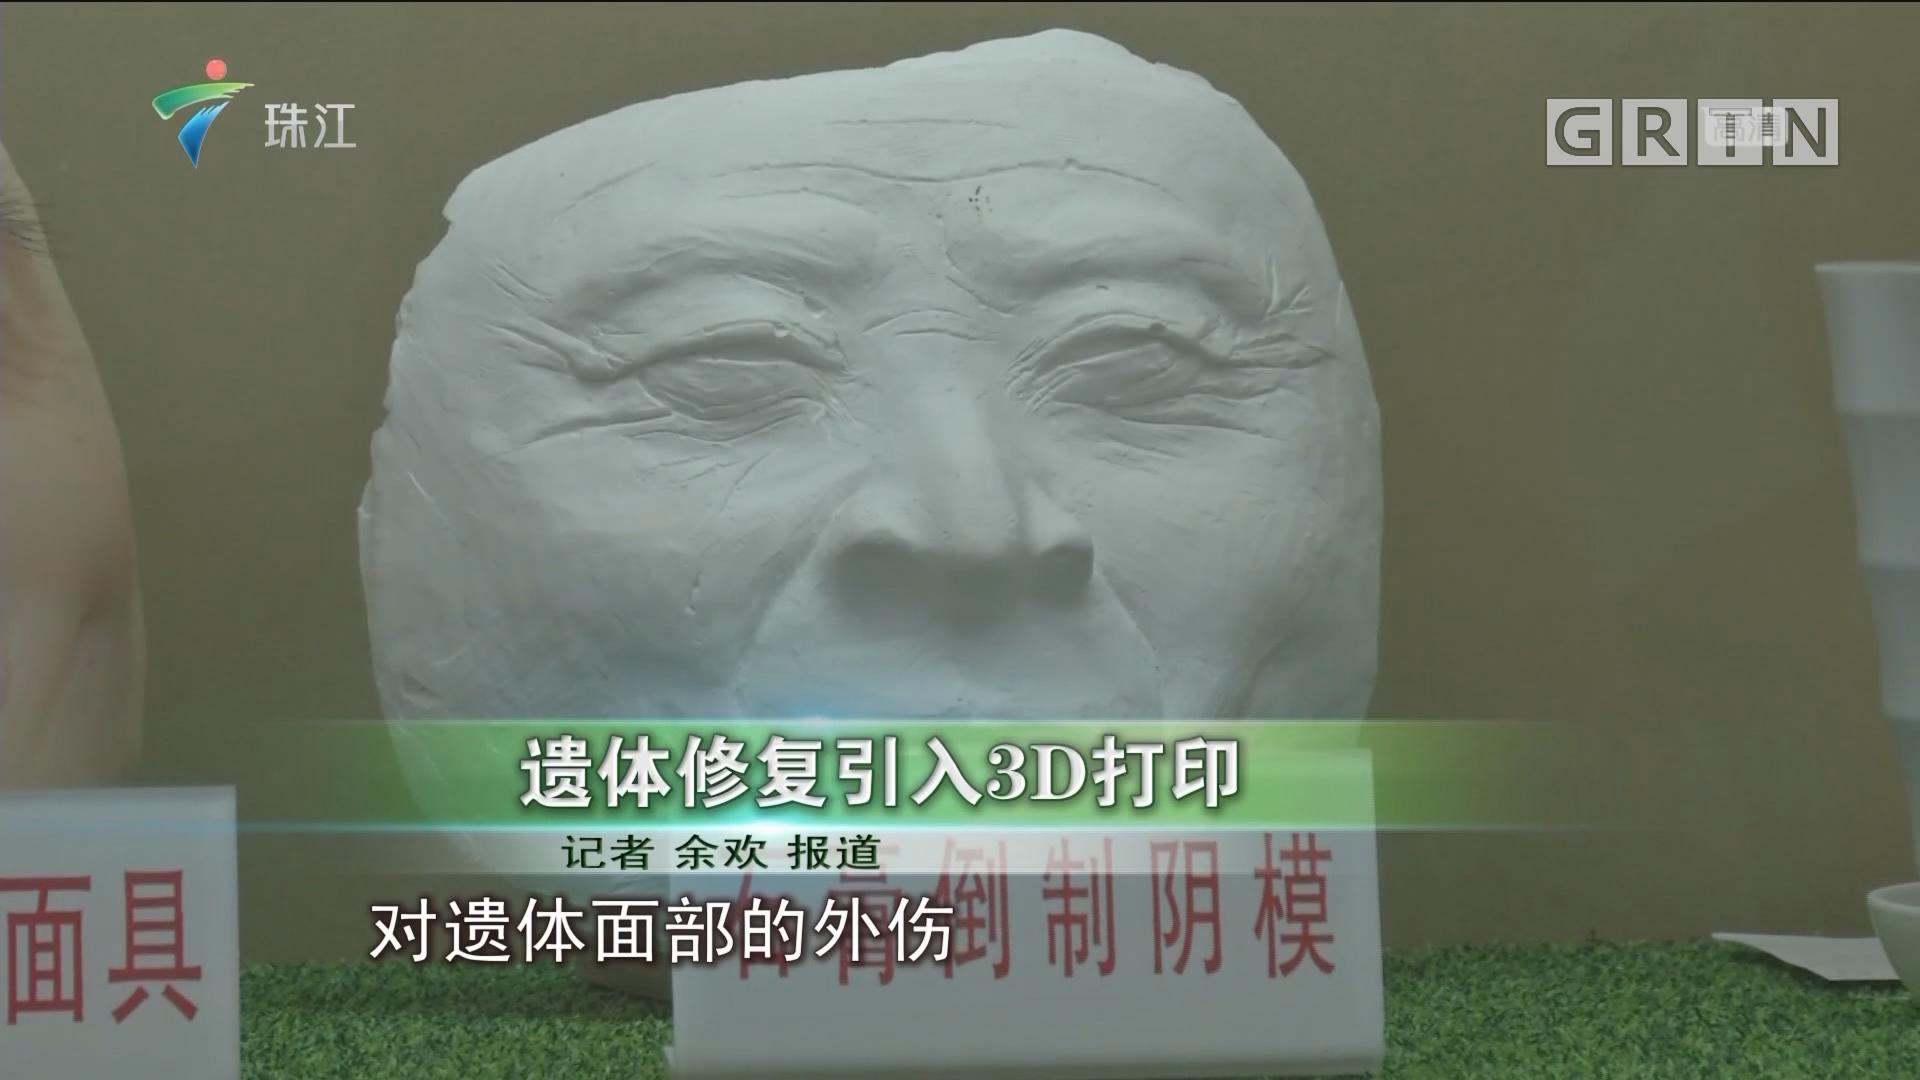 遗体修复引入3D打印